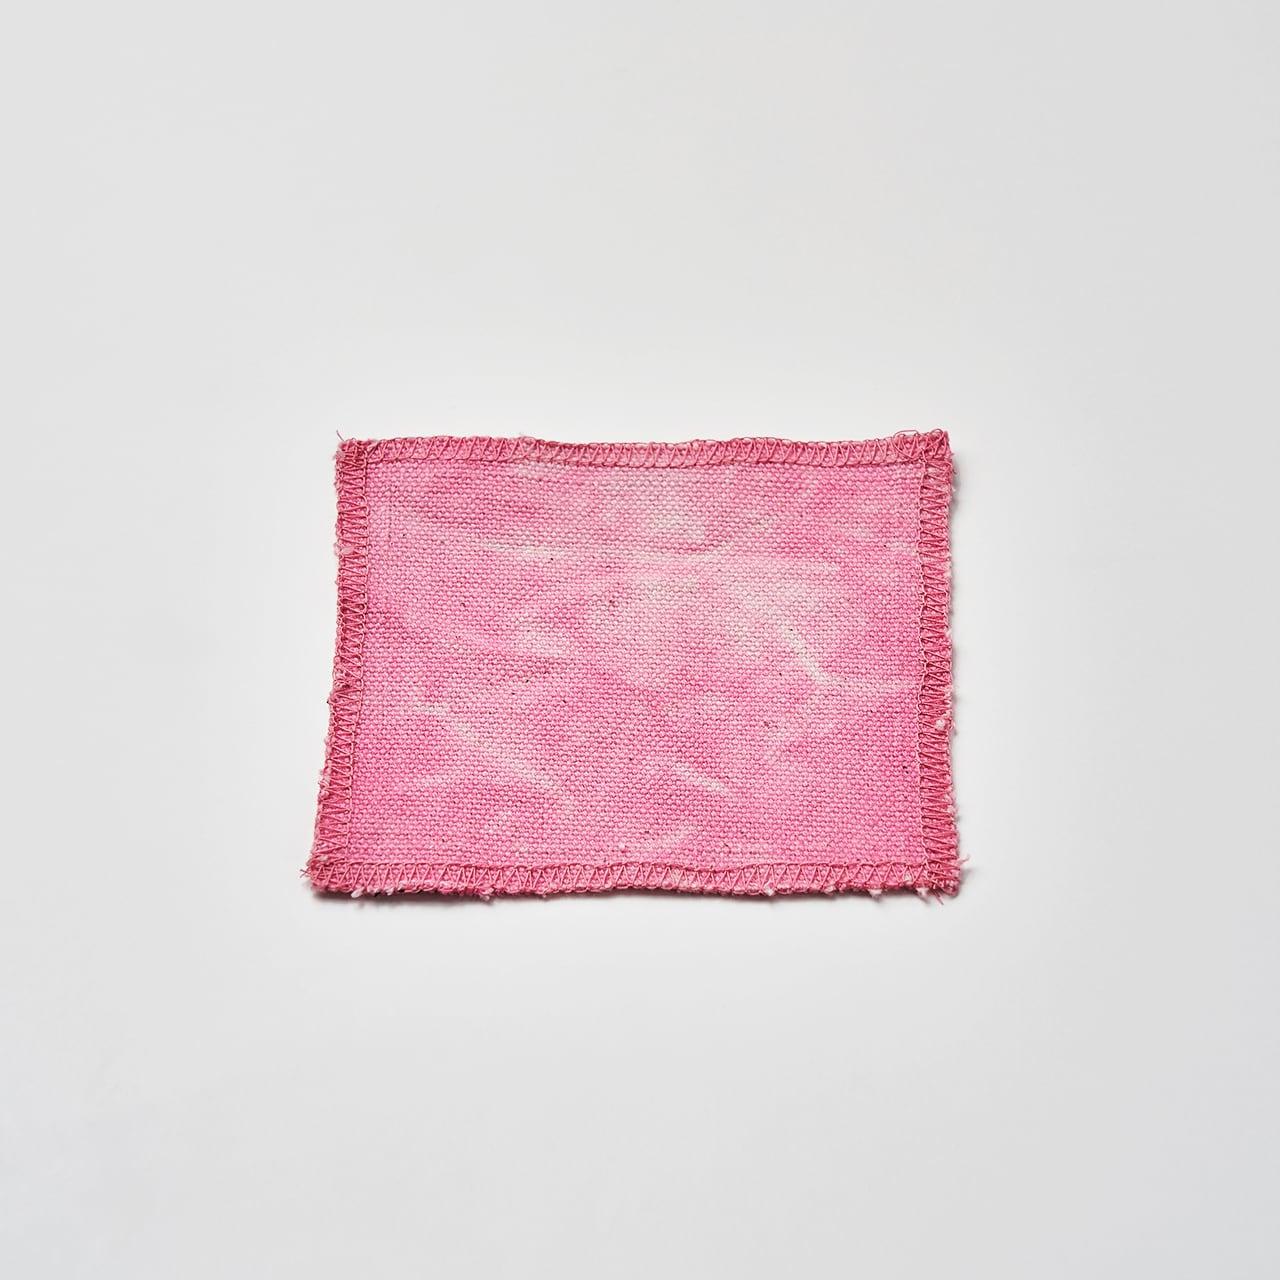 帆布で作ったコースター(ピンク) 10cm×10cm